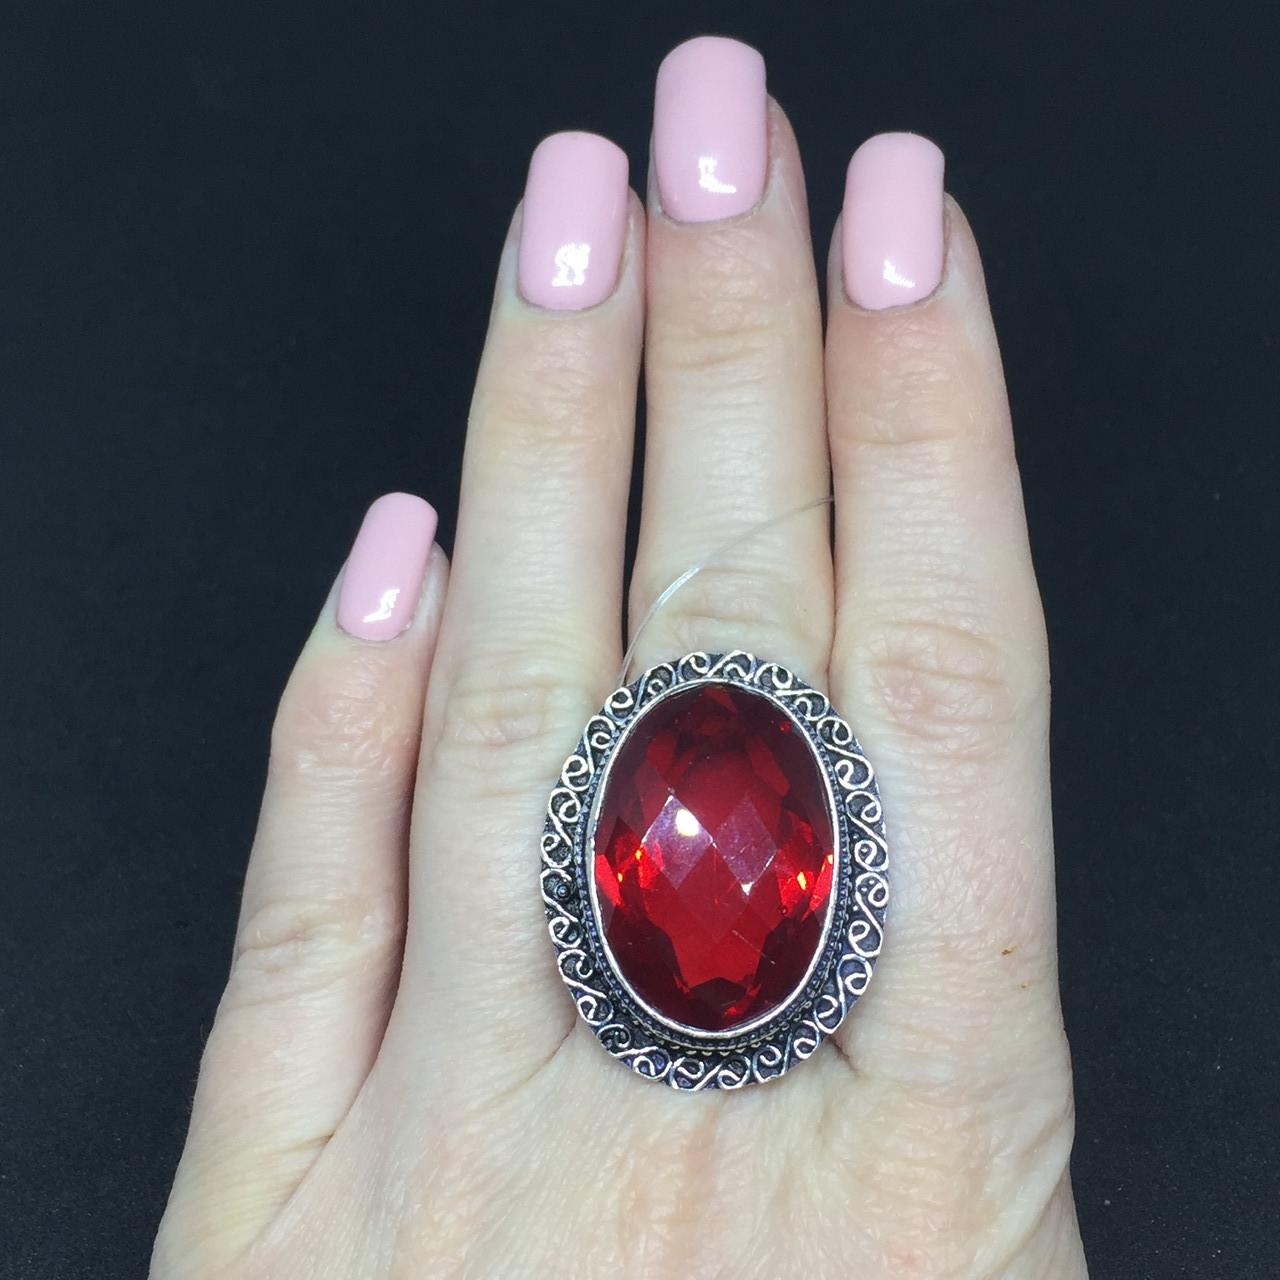 Гранат кольцо с камнем гранат в серебре. Кольцо с гранатом размер 19,8 Индия